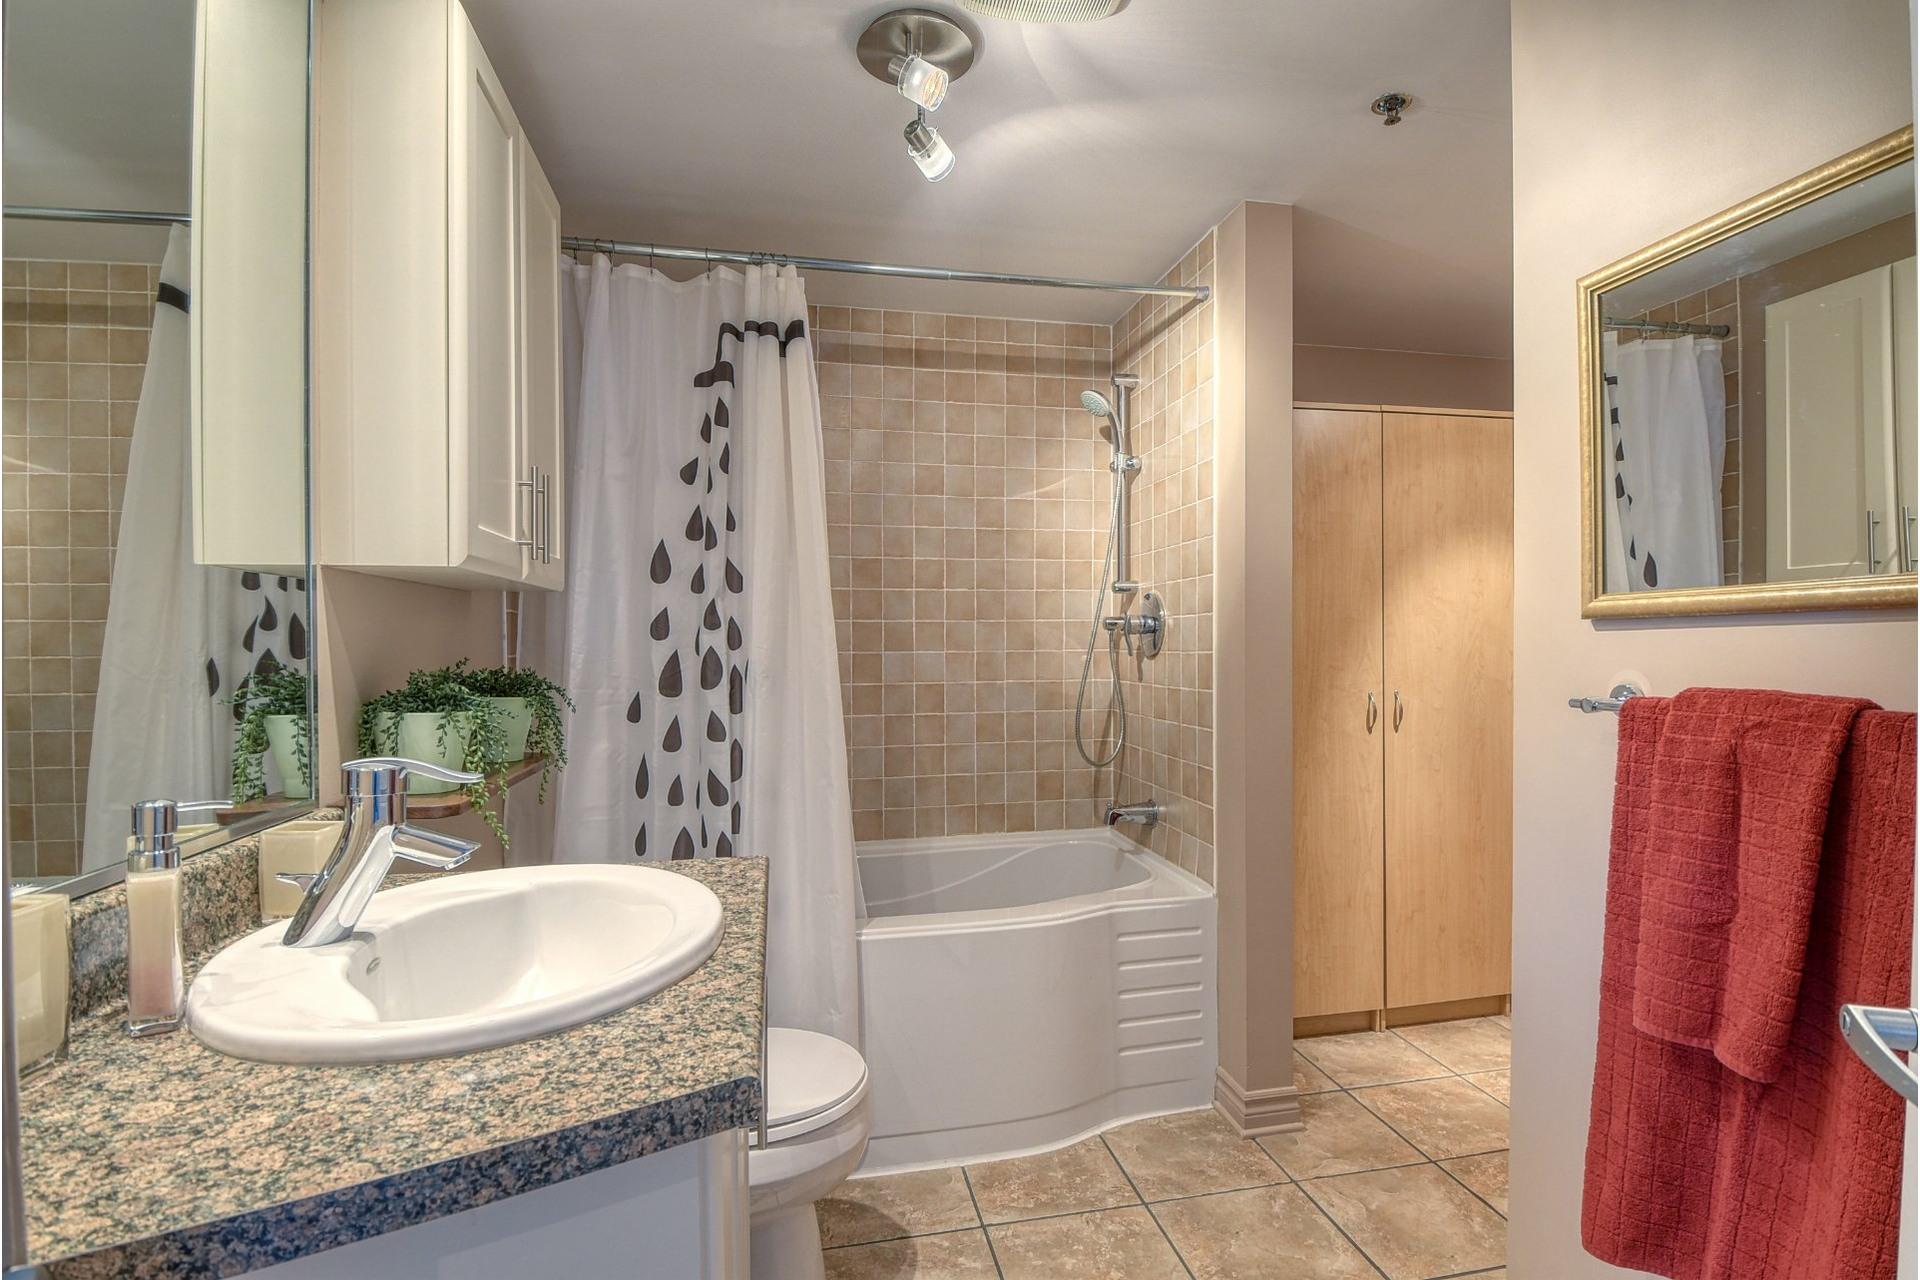 image 13 - Appartement À vendre Montréal-Nord Montréal  - 4 pièces